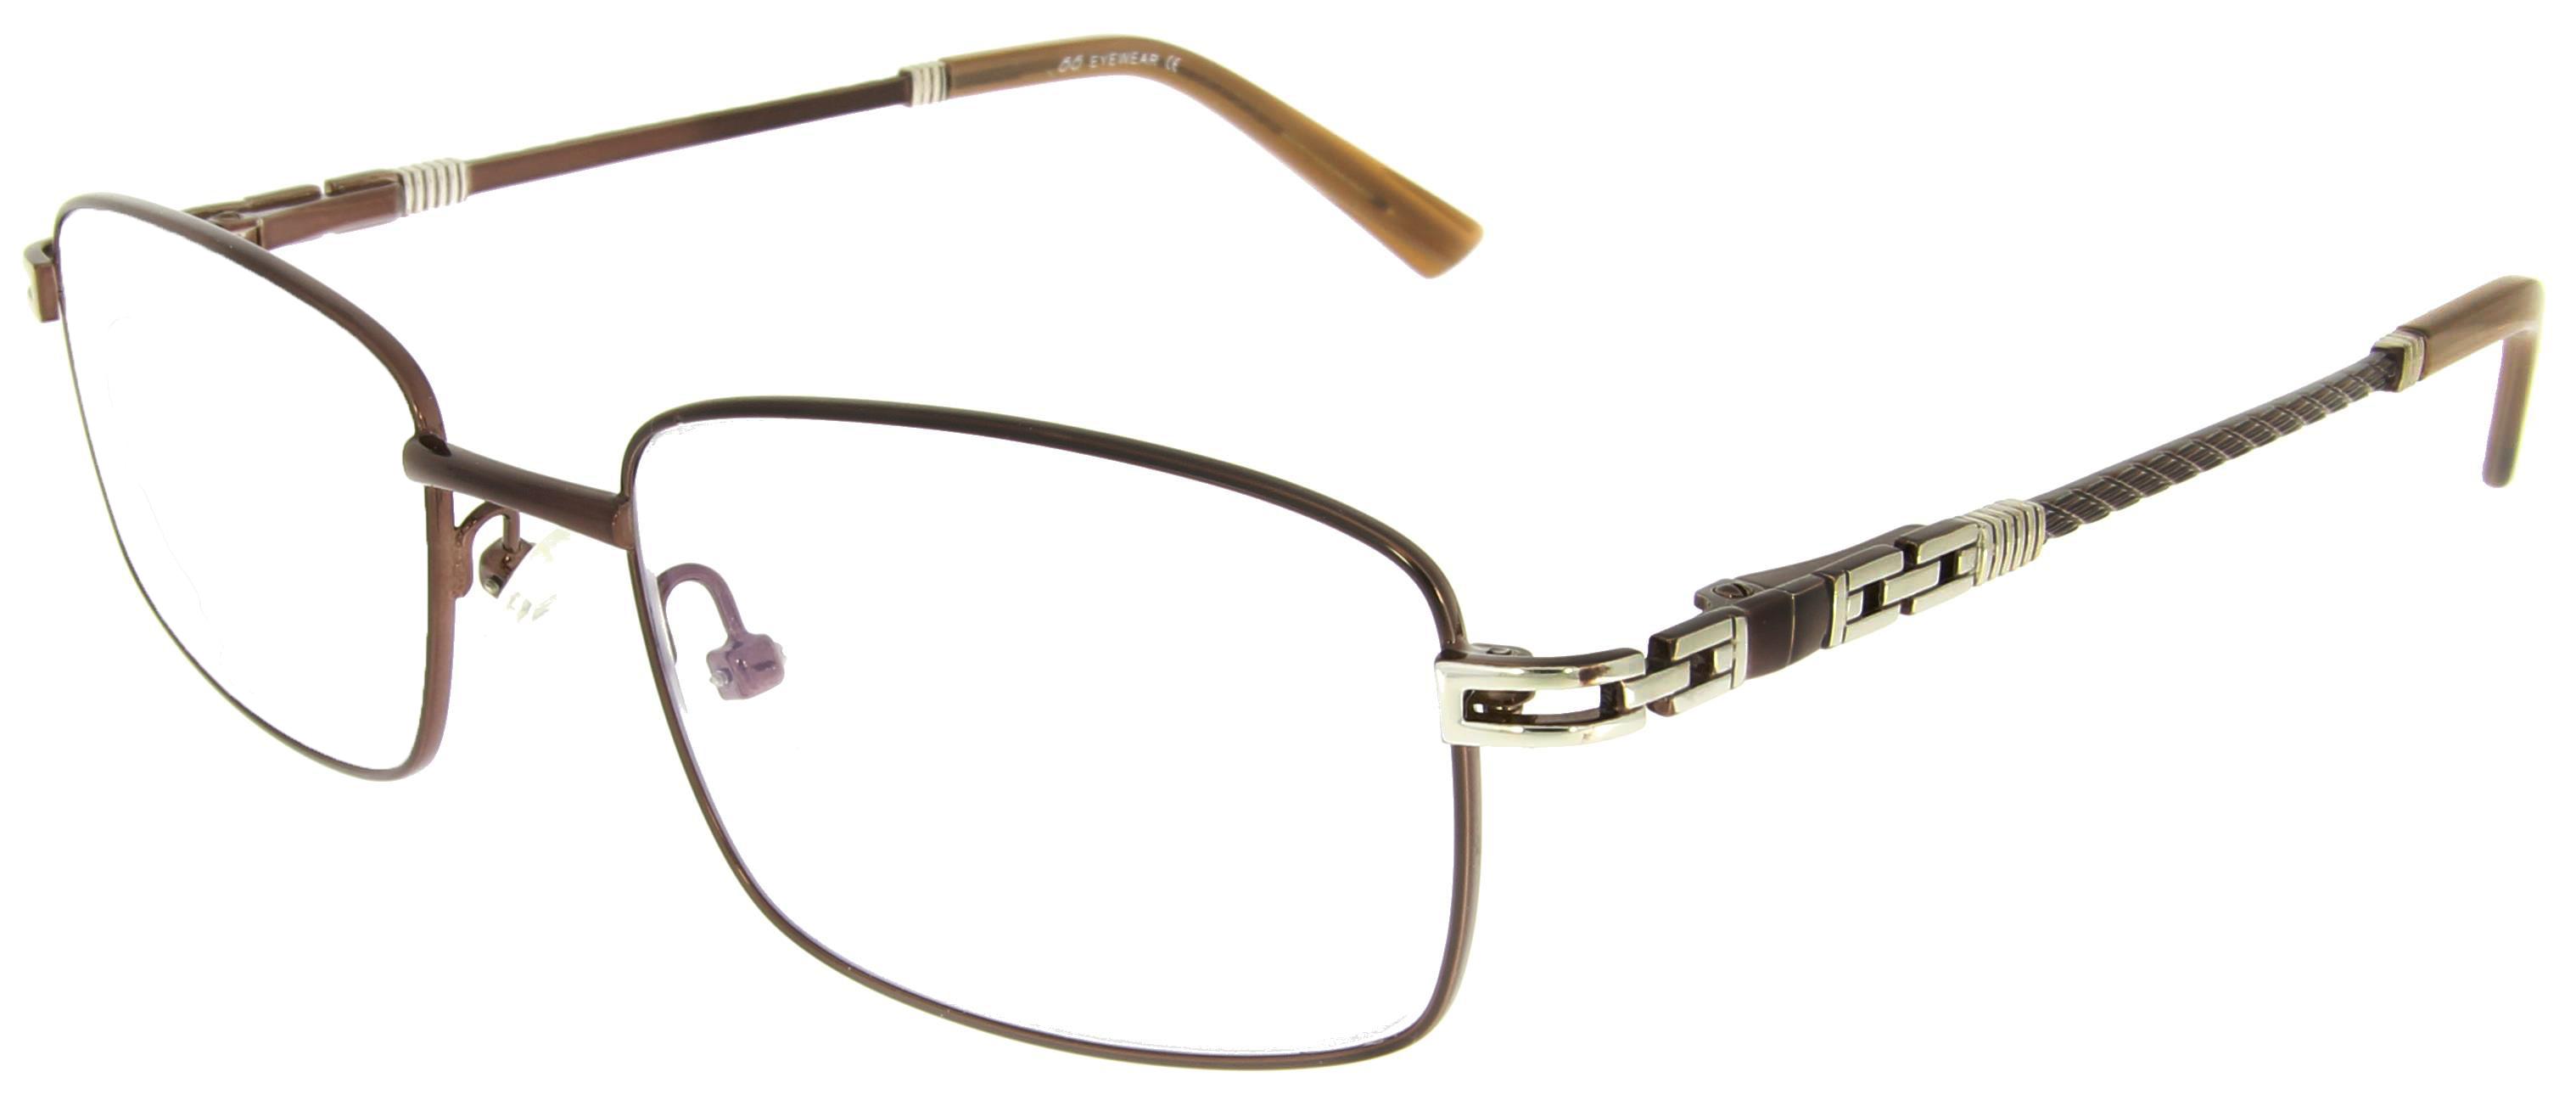 Braune Arbeitsplatzvollrandbrille aus Metall